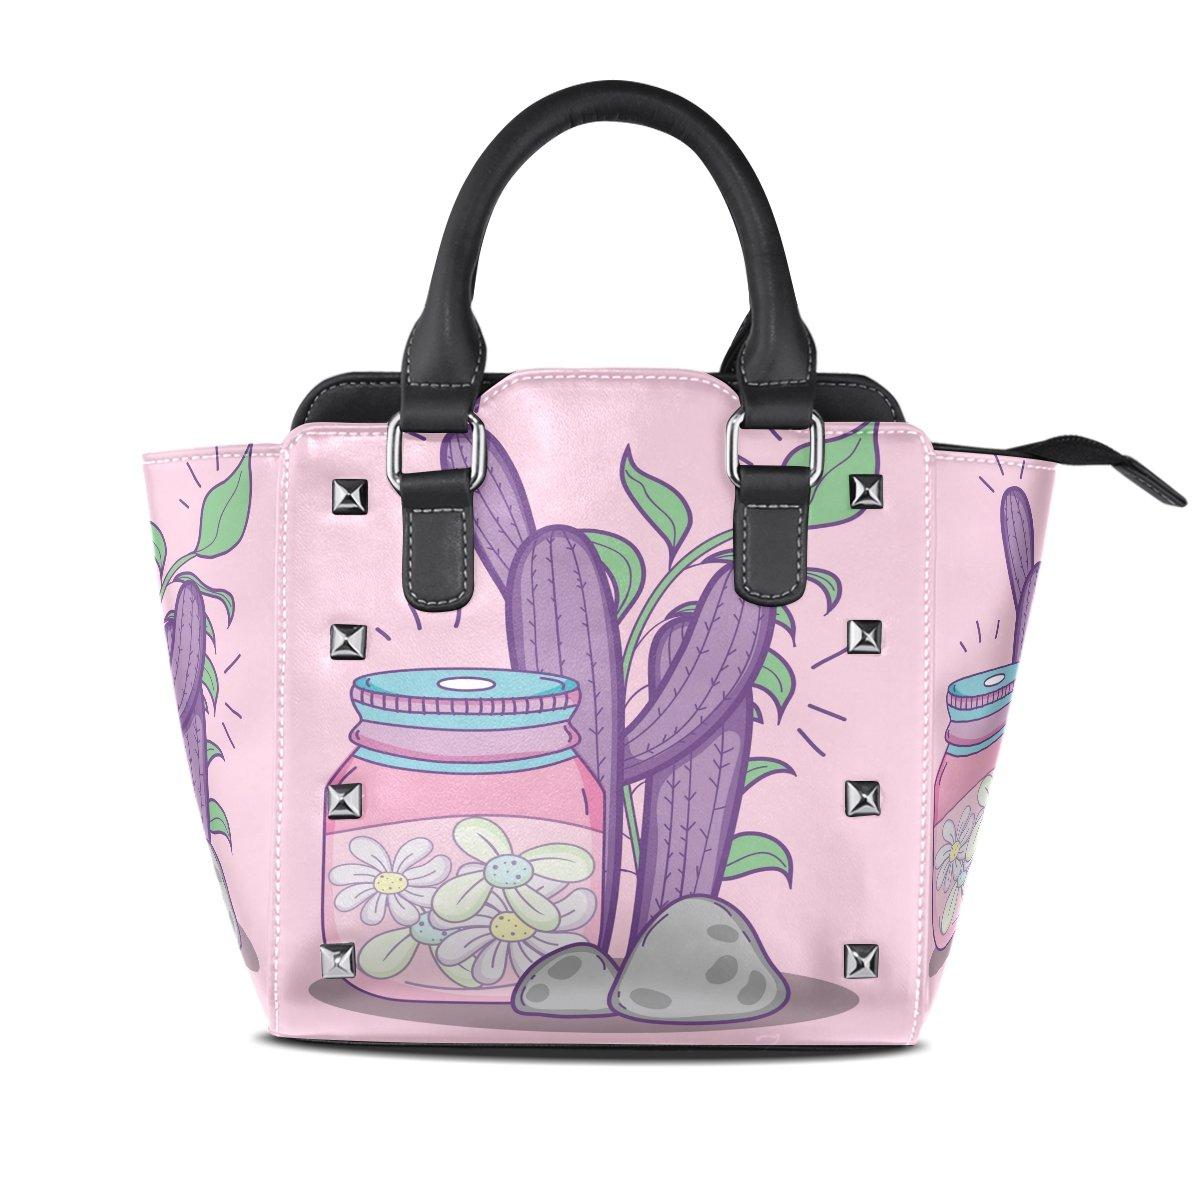 Ladies Genuine Leather Tote Bags Purple Cactus Womens Hangbags Shoulder Bags